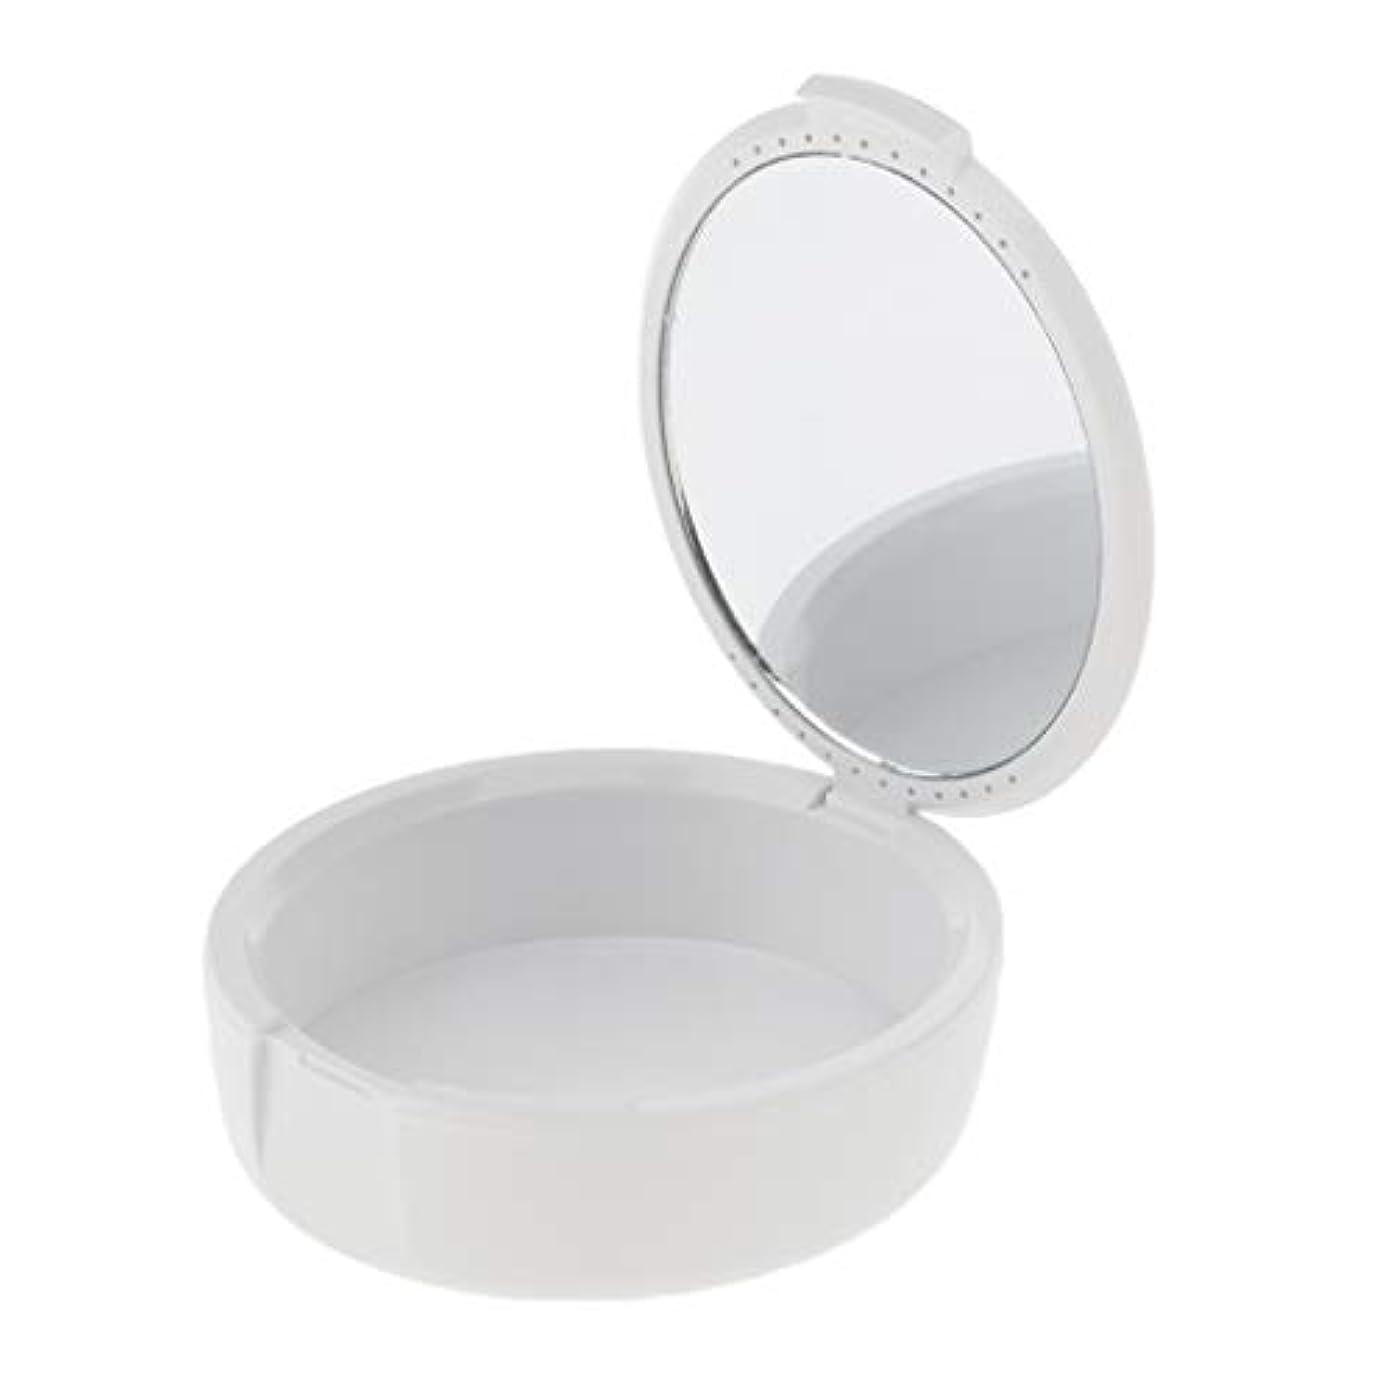 おもしろいゆるい批判的にマウスガードケース 義歯収納容器 ミニ 携帯用 2色選べ - 白